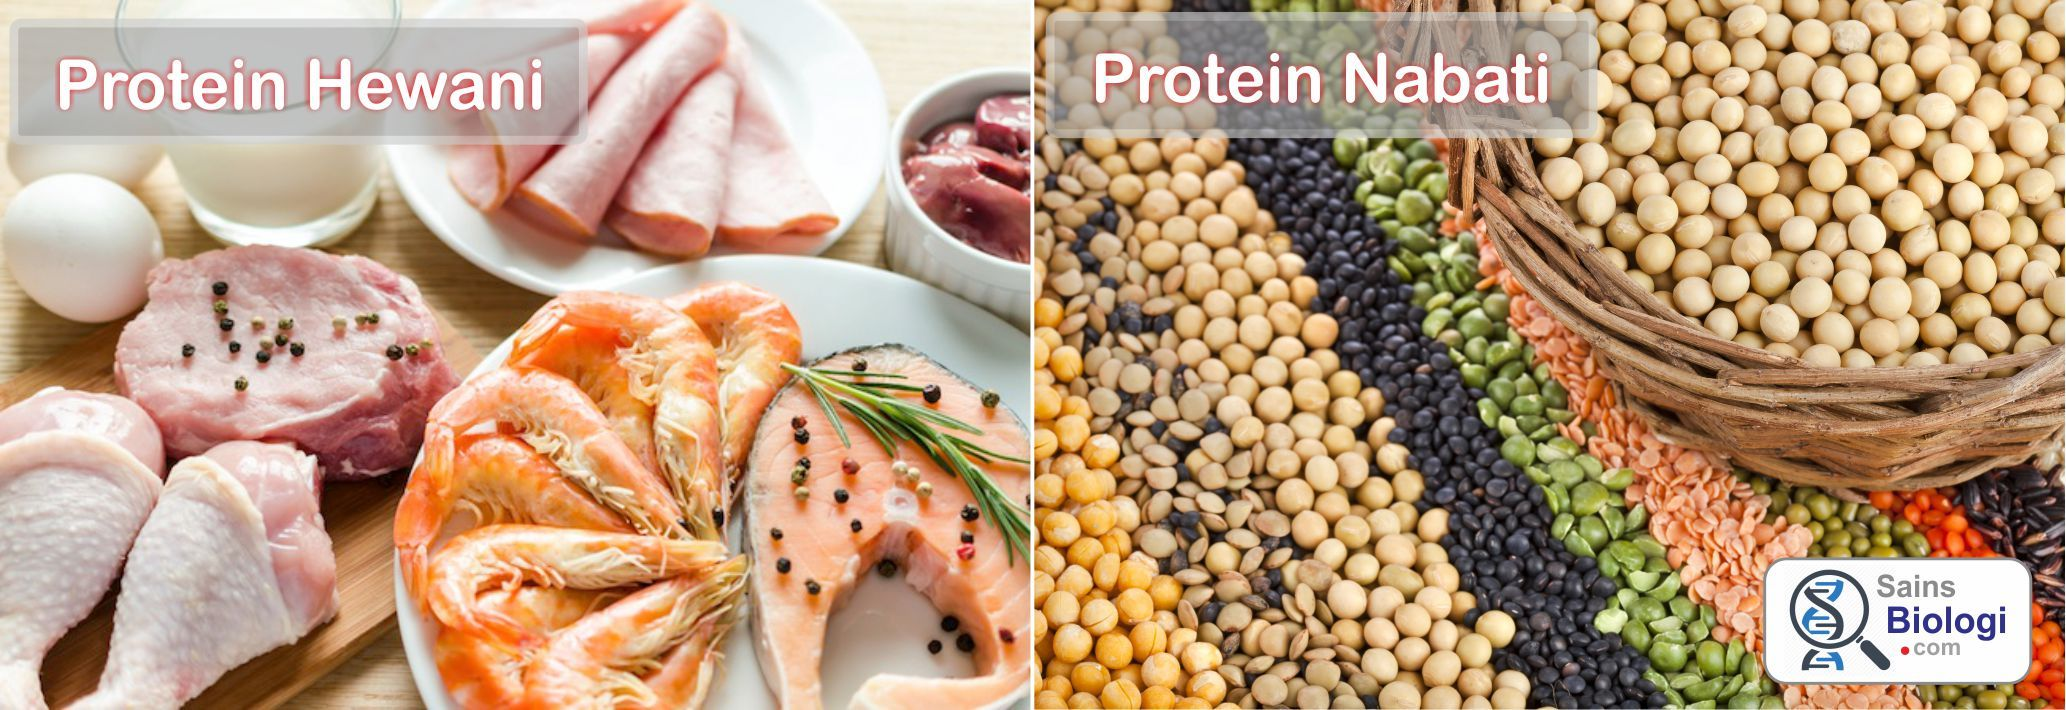 Protein Hewani Dan Nabati Zat Makanan Makanan Sistem Pencernaan